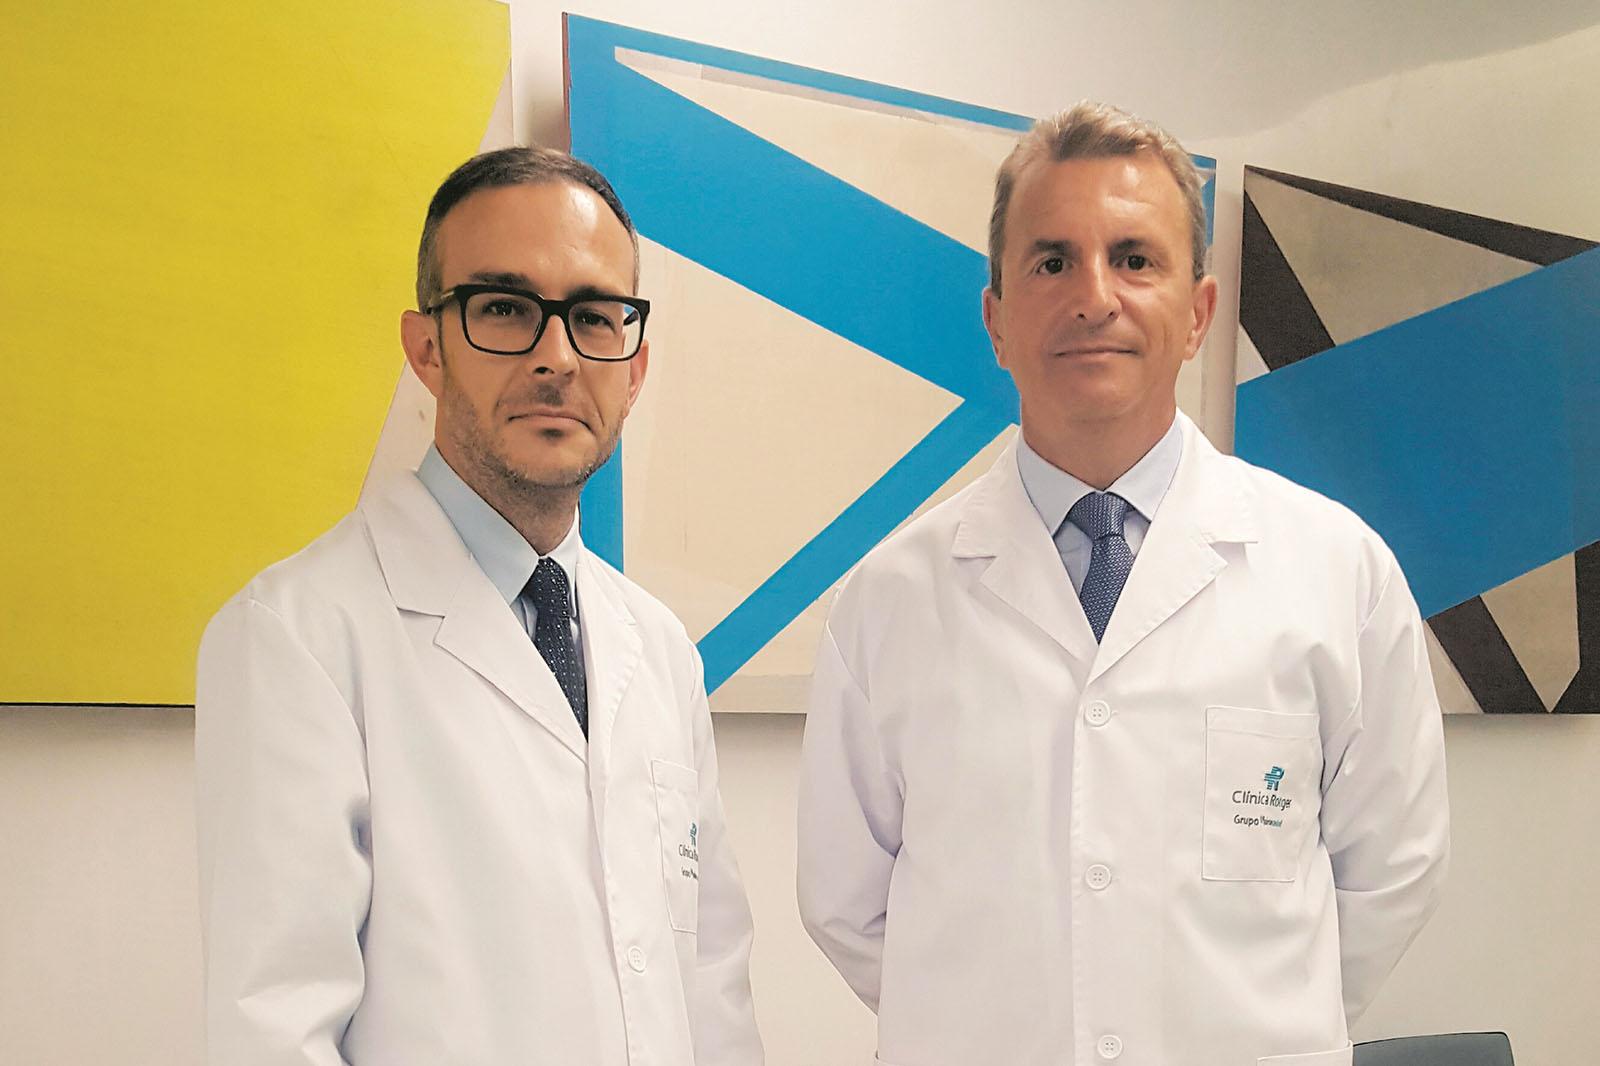 Cirugía-Plástica-Doctores-Ángel-López-y-Mariano-Rovira-Clínica-Rotger-Hospital-Mallorca